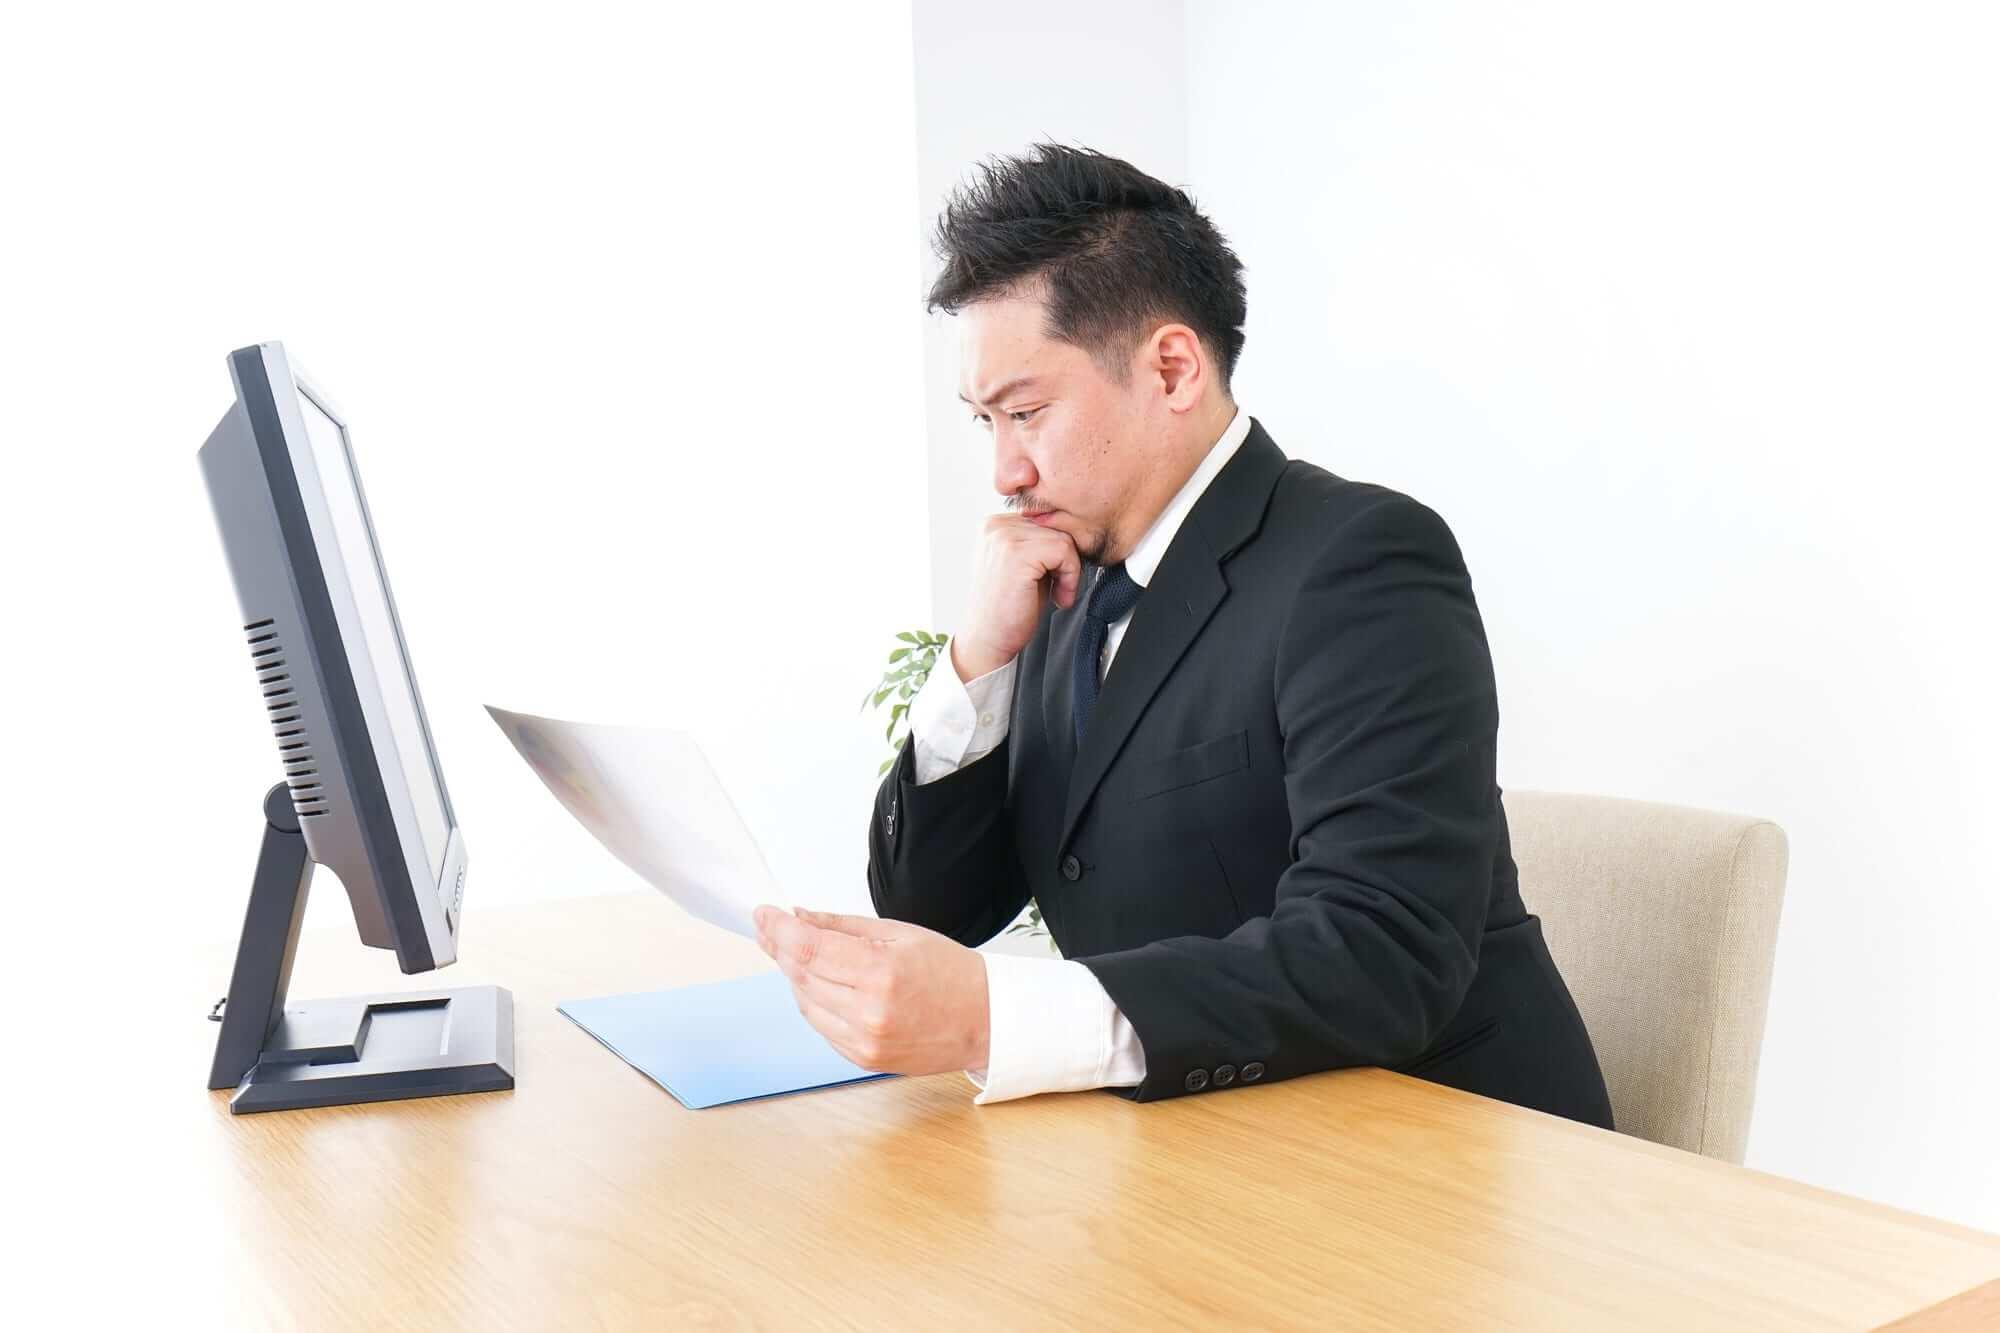 企業の評価写真